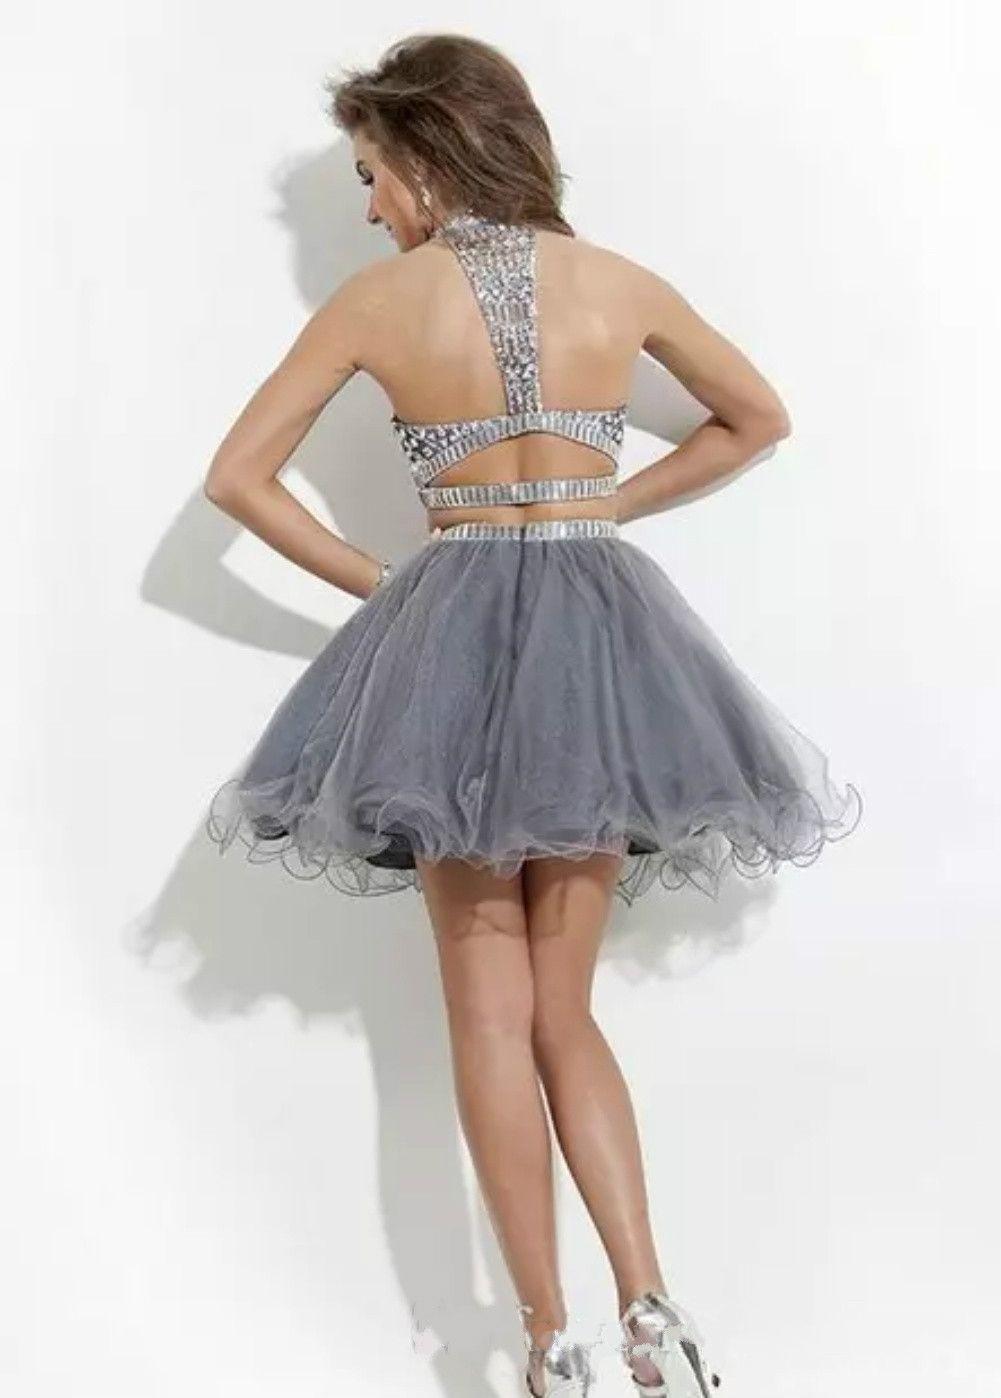 2018 Seksi Mezuniyet Elbiseleri A-line yüksek boyun tül Süslenmiş iki parça Gelinlik Modelleri boncuklu mezuniyet Elbise Rachel Allan Yeni stil LA147